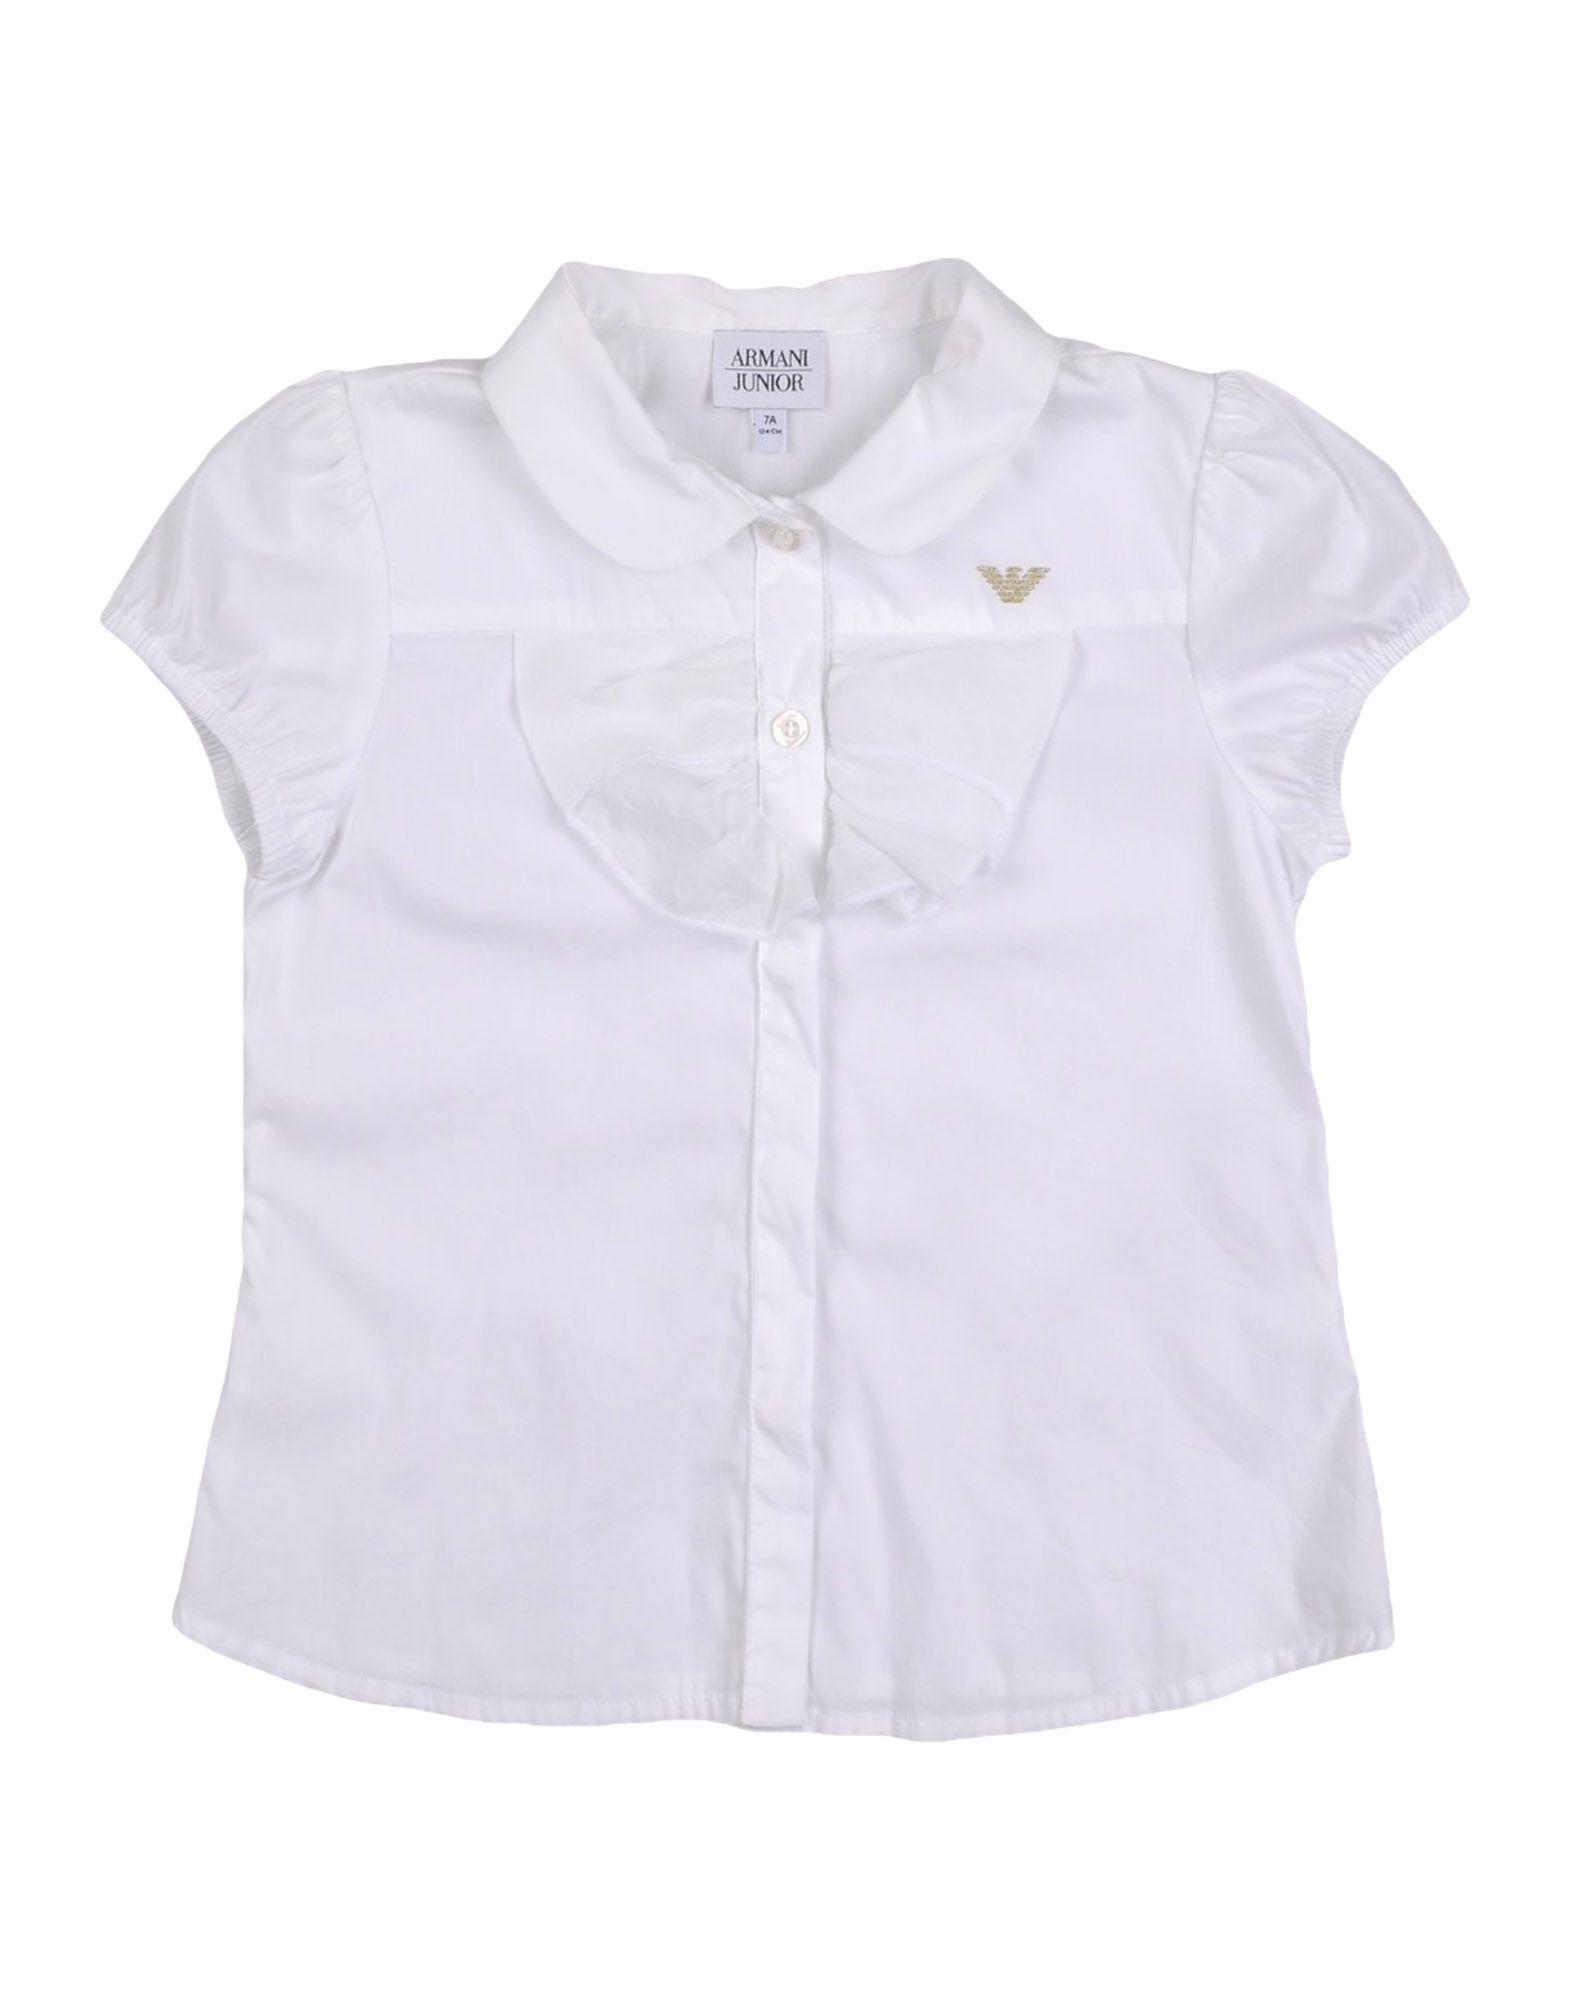 ARMANI JUNIOR シャツ ホワイト